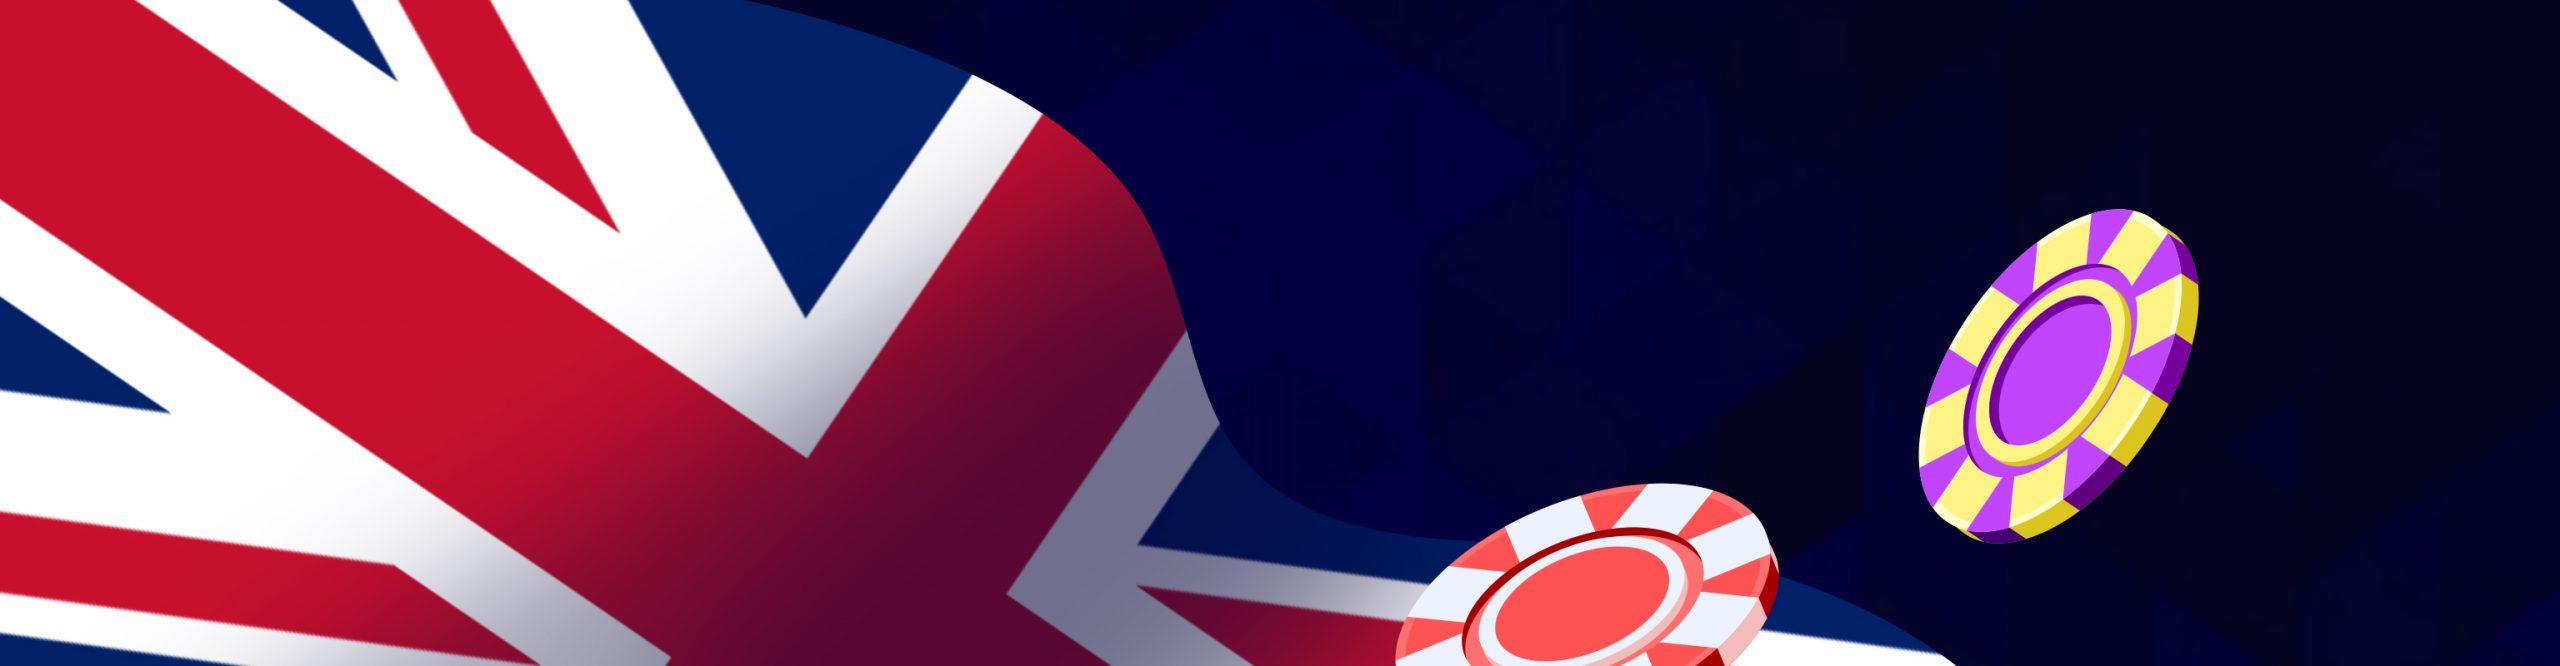 Sänkta insatsgränser föreslås i Storbritannien Banner 01 - CasinoTop